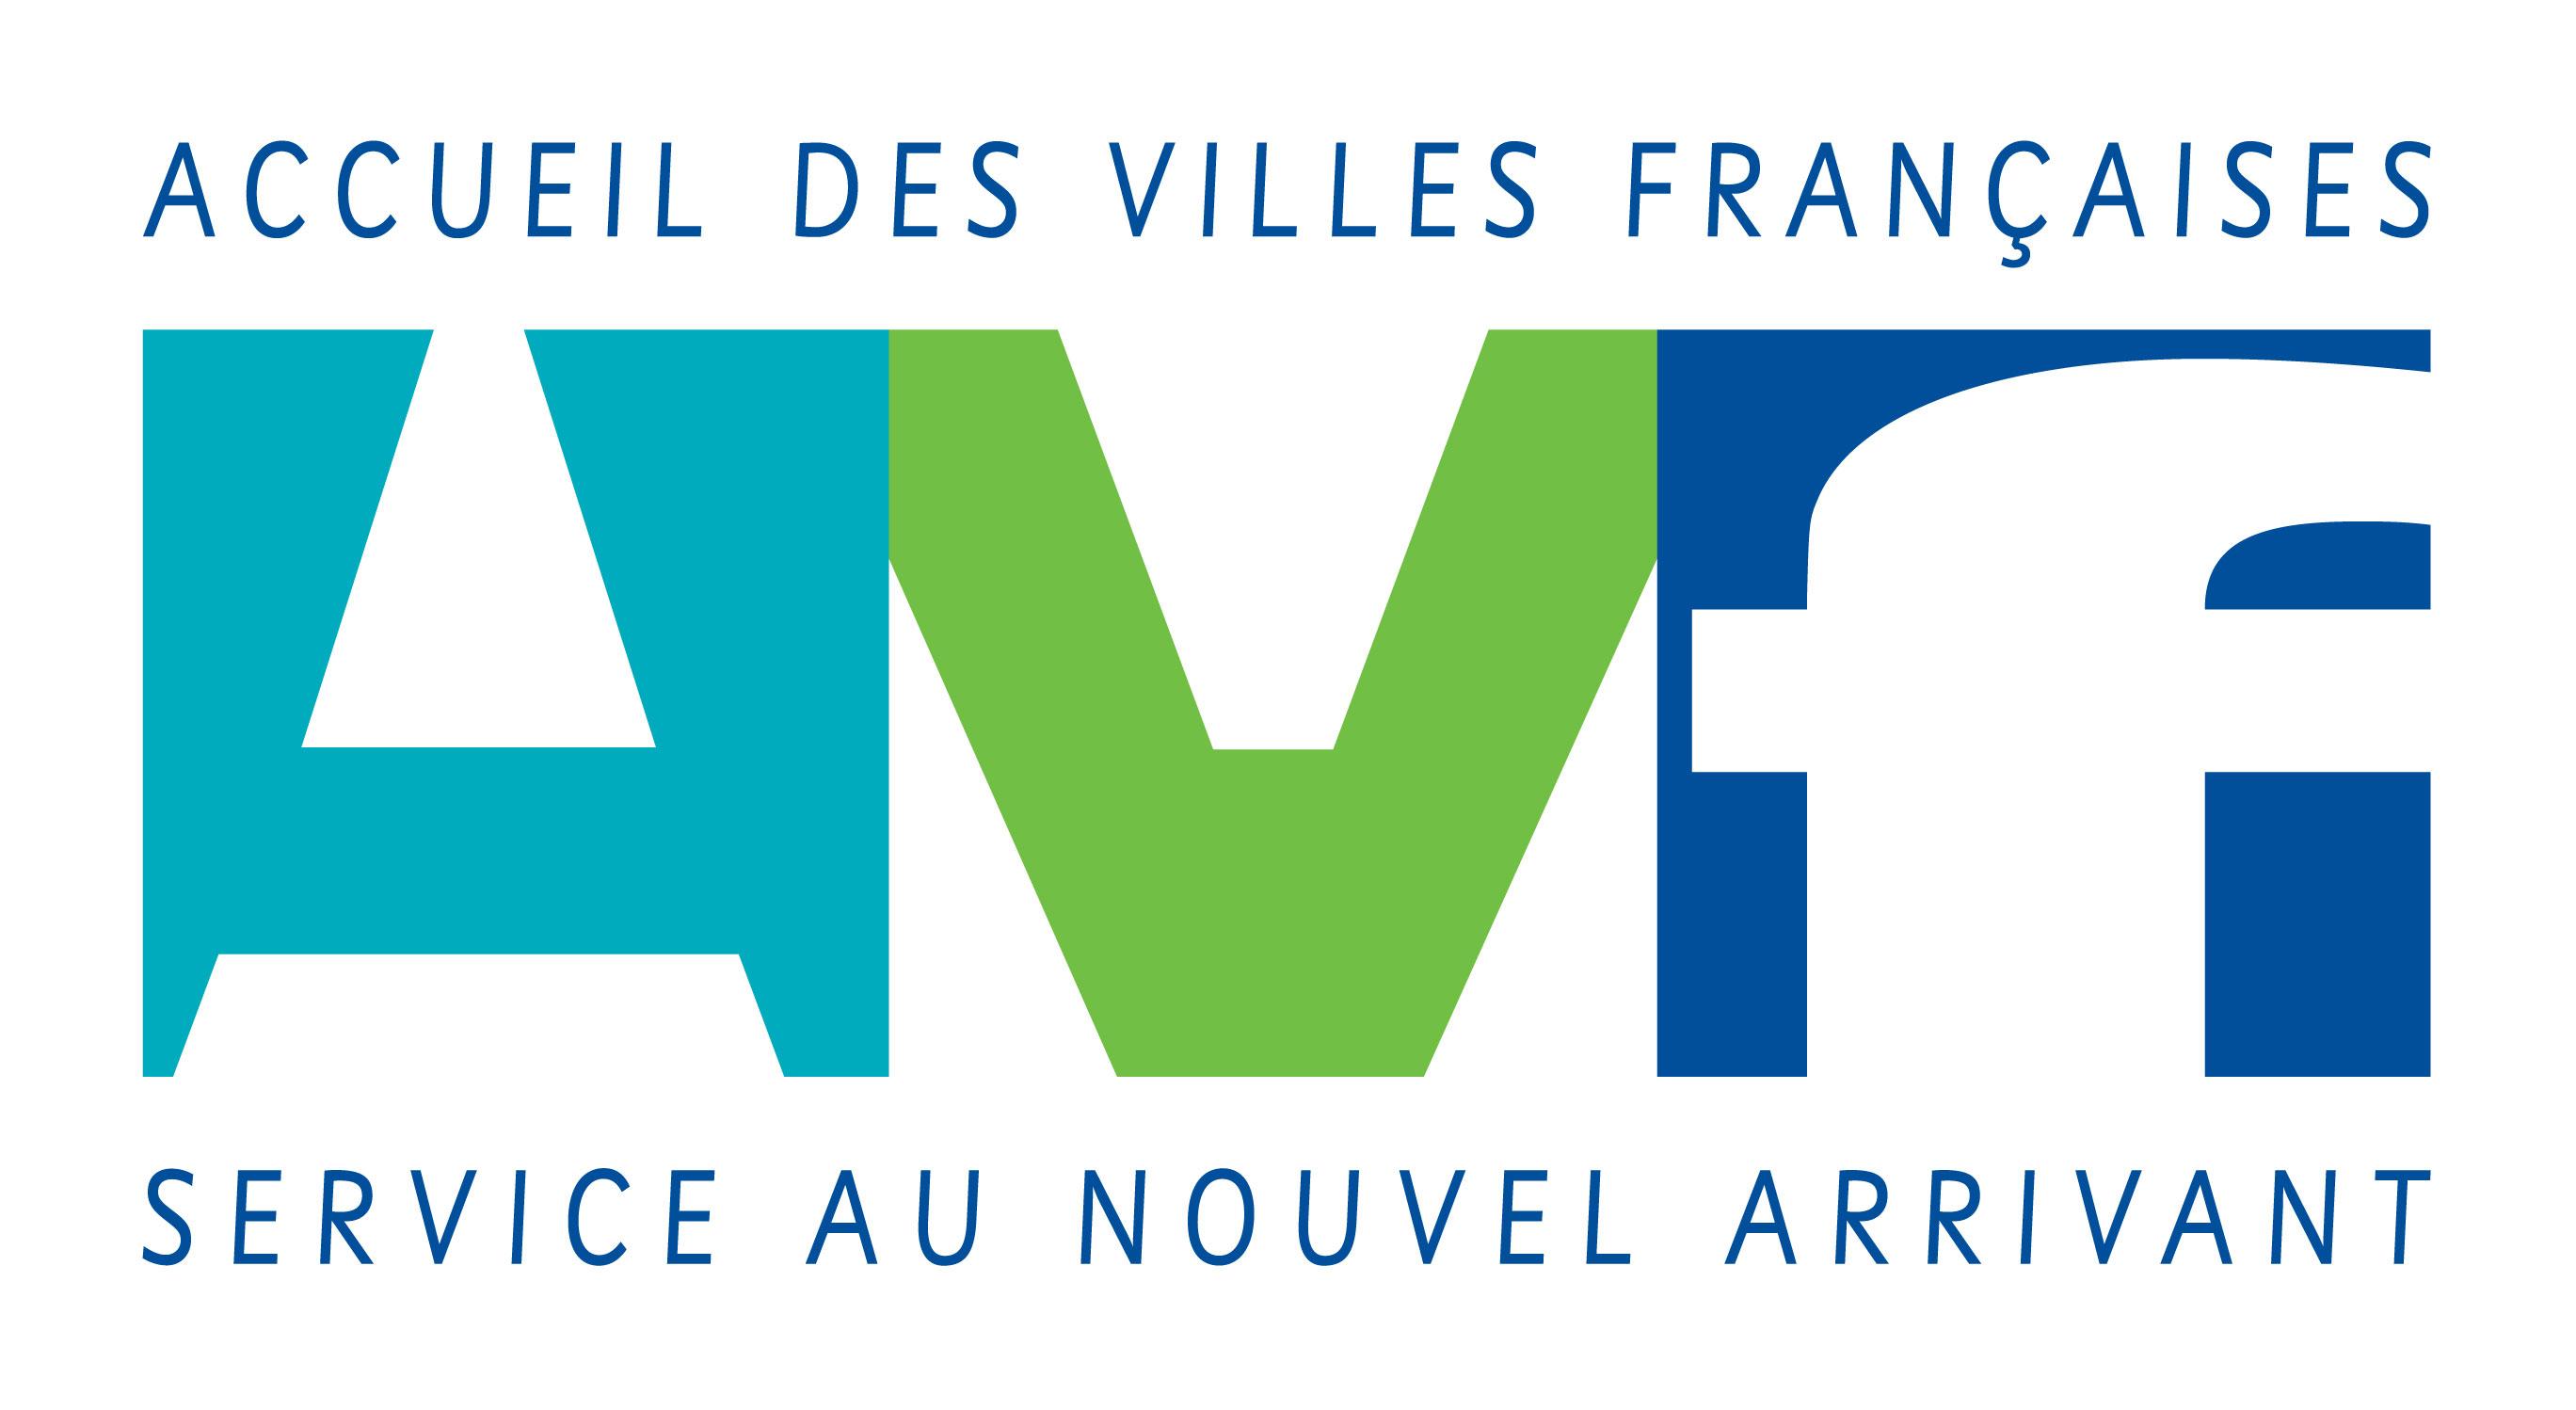 """Résultat de recherche d'images pour """"accueil des villes françaises"""""""